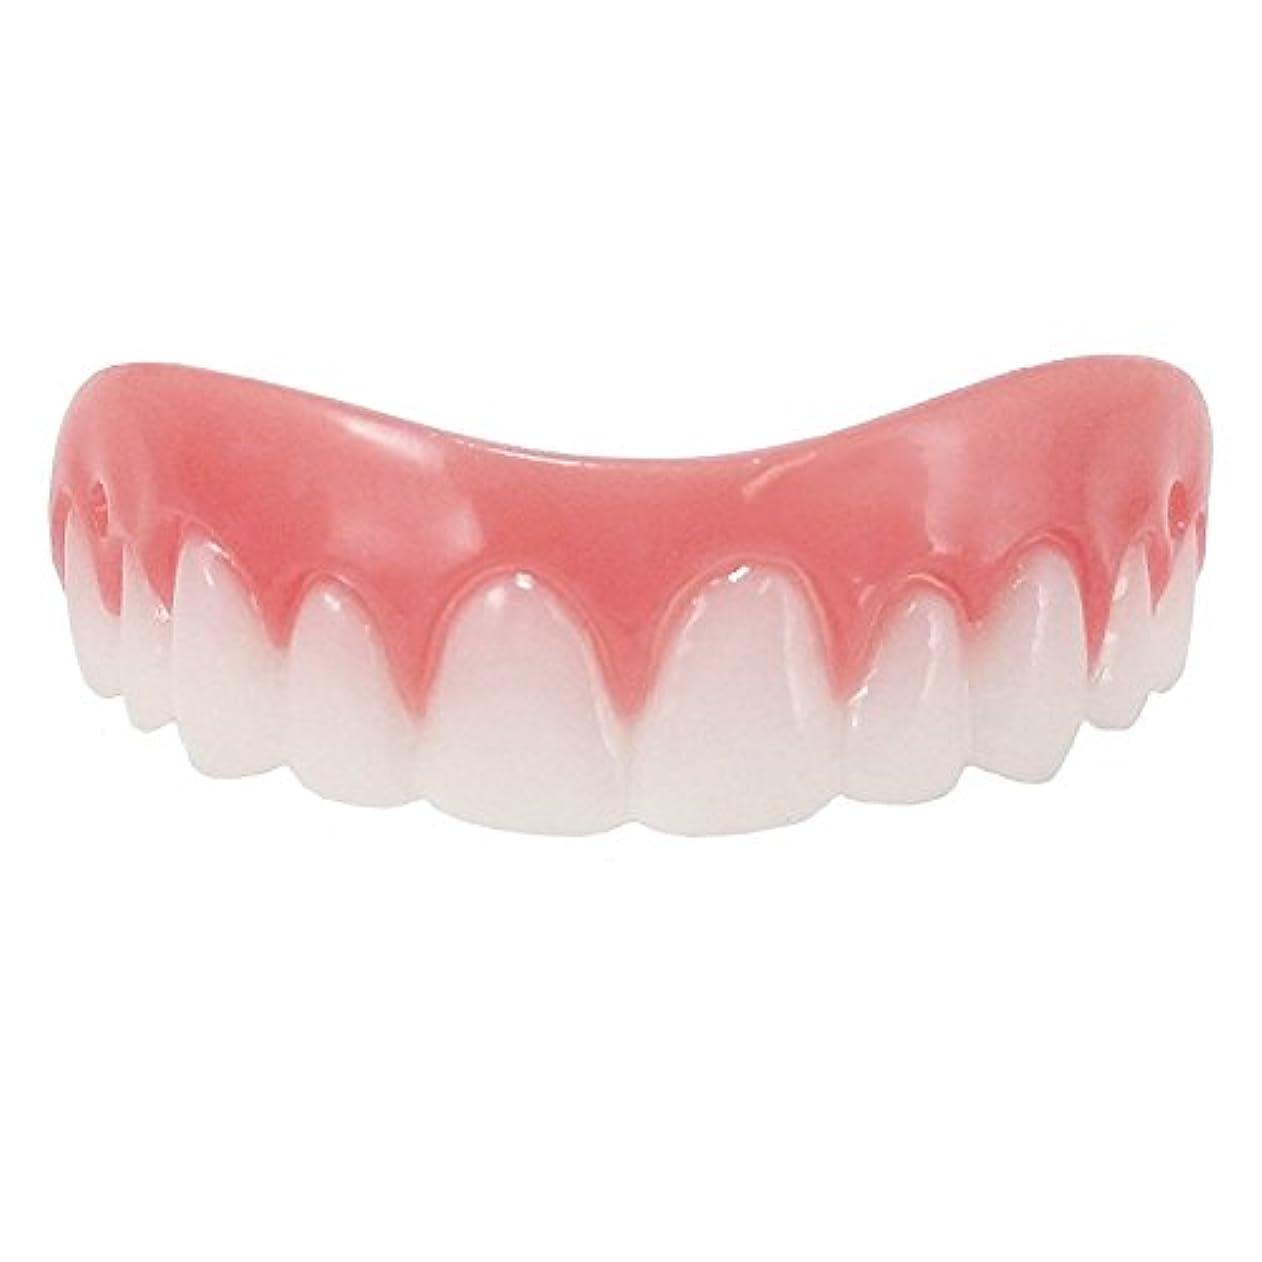 スローガン土砂降りルーチンシリコン義歯ペースト 美容用 入れ歯 上歯 下歯2個セット (free size)